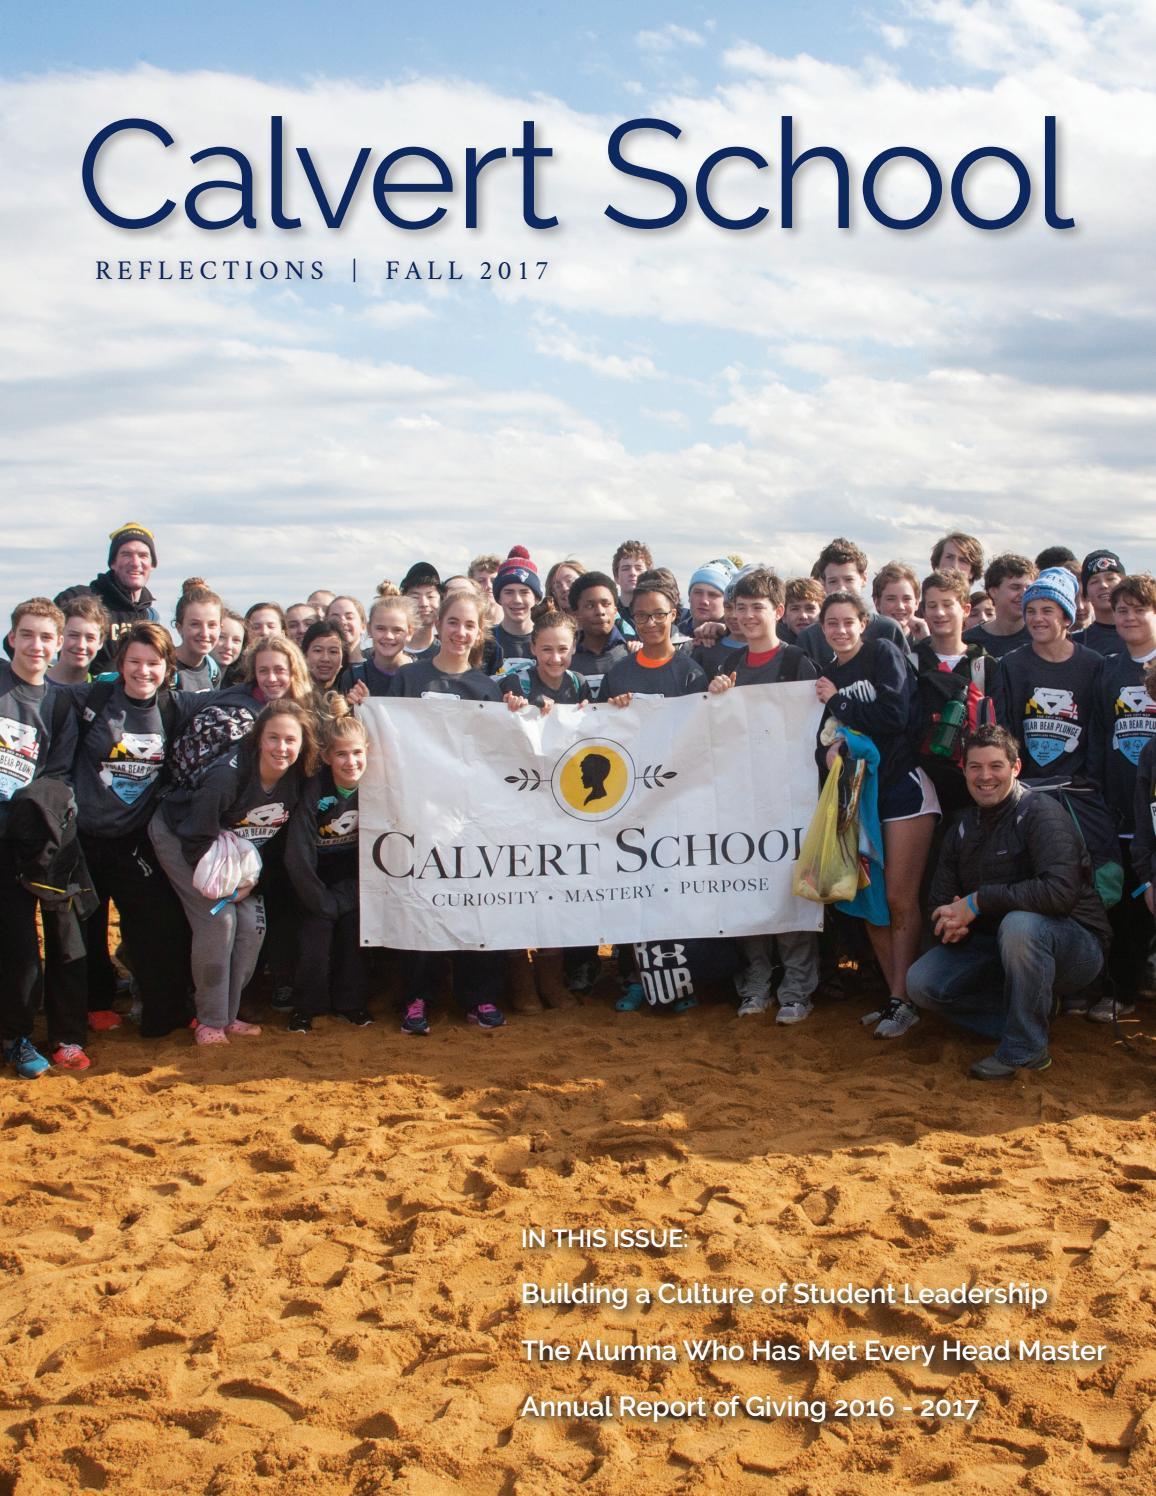 Calvert School Reflections Fall 2017 By Calvert School Issuu